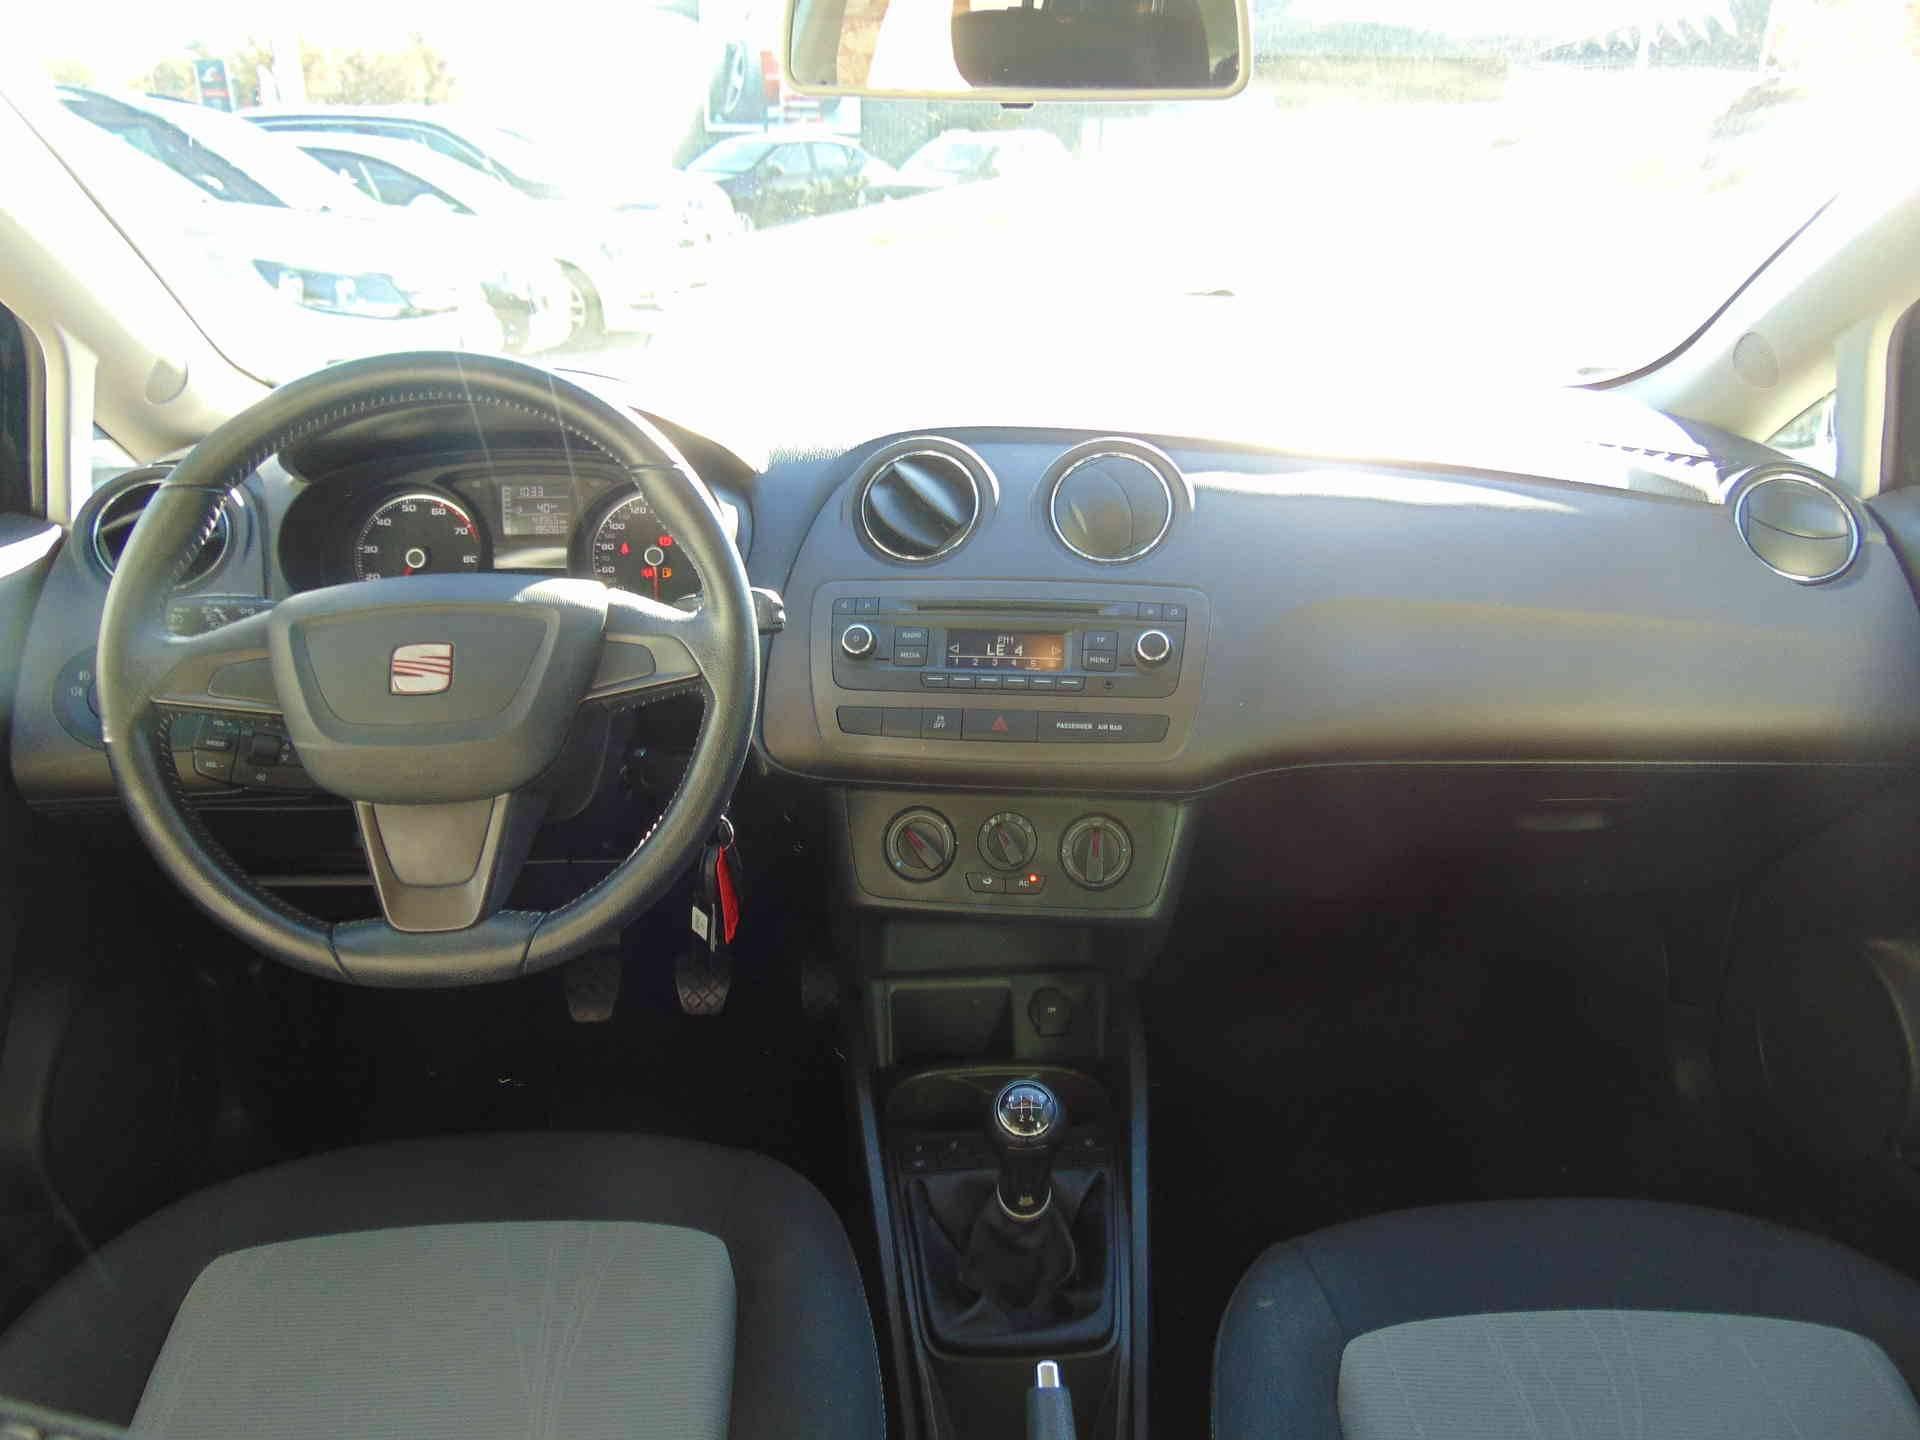 17 - Ibiza 1.2i 12V 60